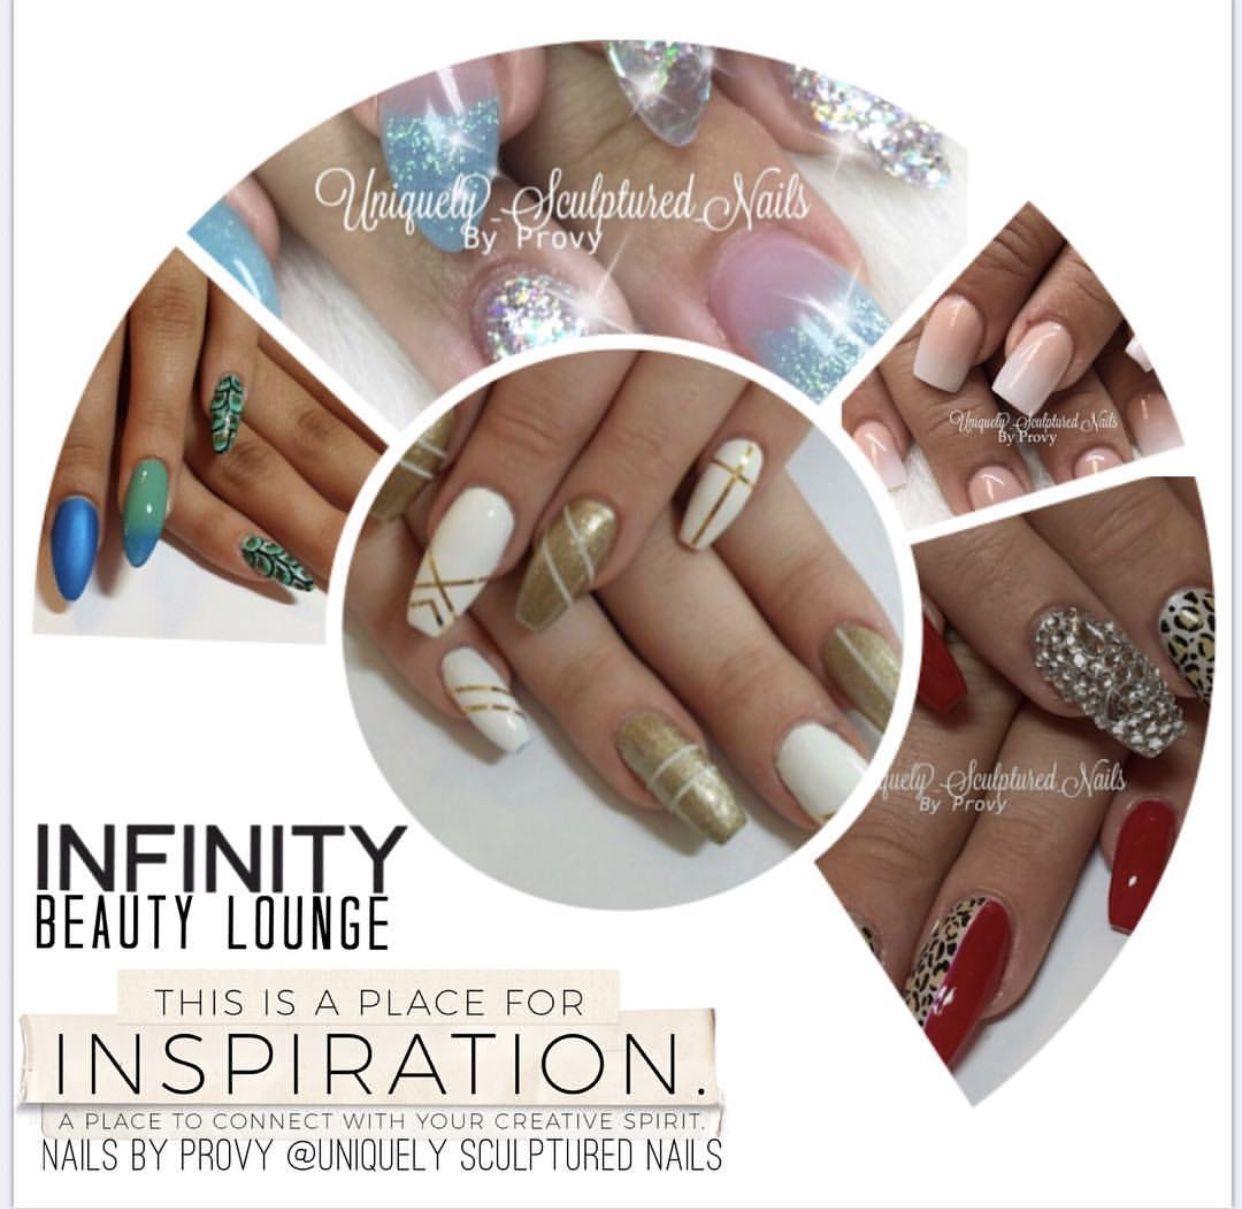 Infinity Beauty Jax 904 274 9333 Located At 3864 San Jose Park Dr Jax Fl 32217 Full Hair Nail Salon Graduation Nails Hair And Nail Salon Sculptured Nails